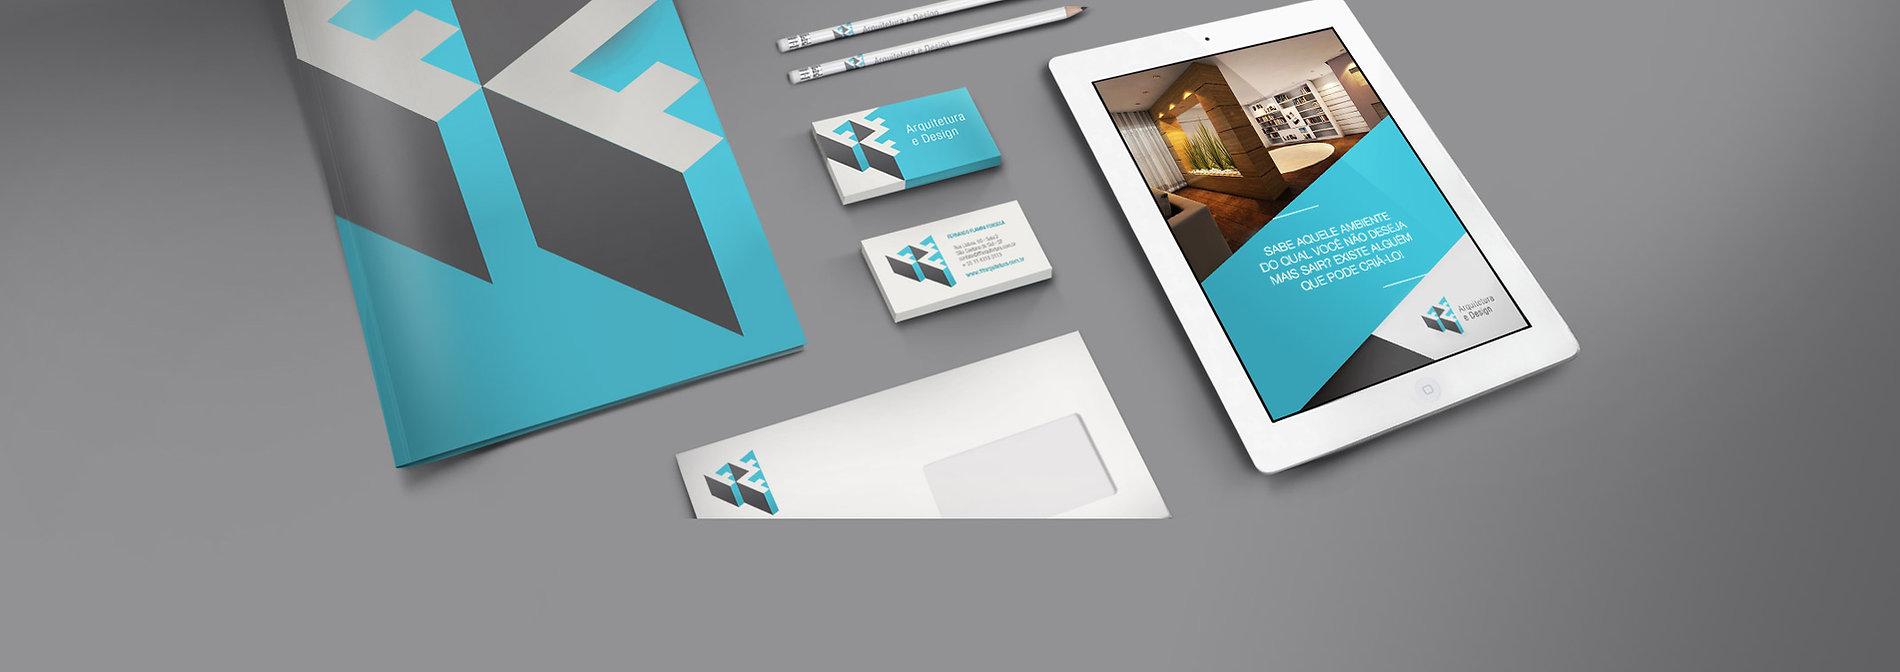 Redesign de marca para escritório de arquitetura